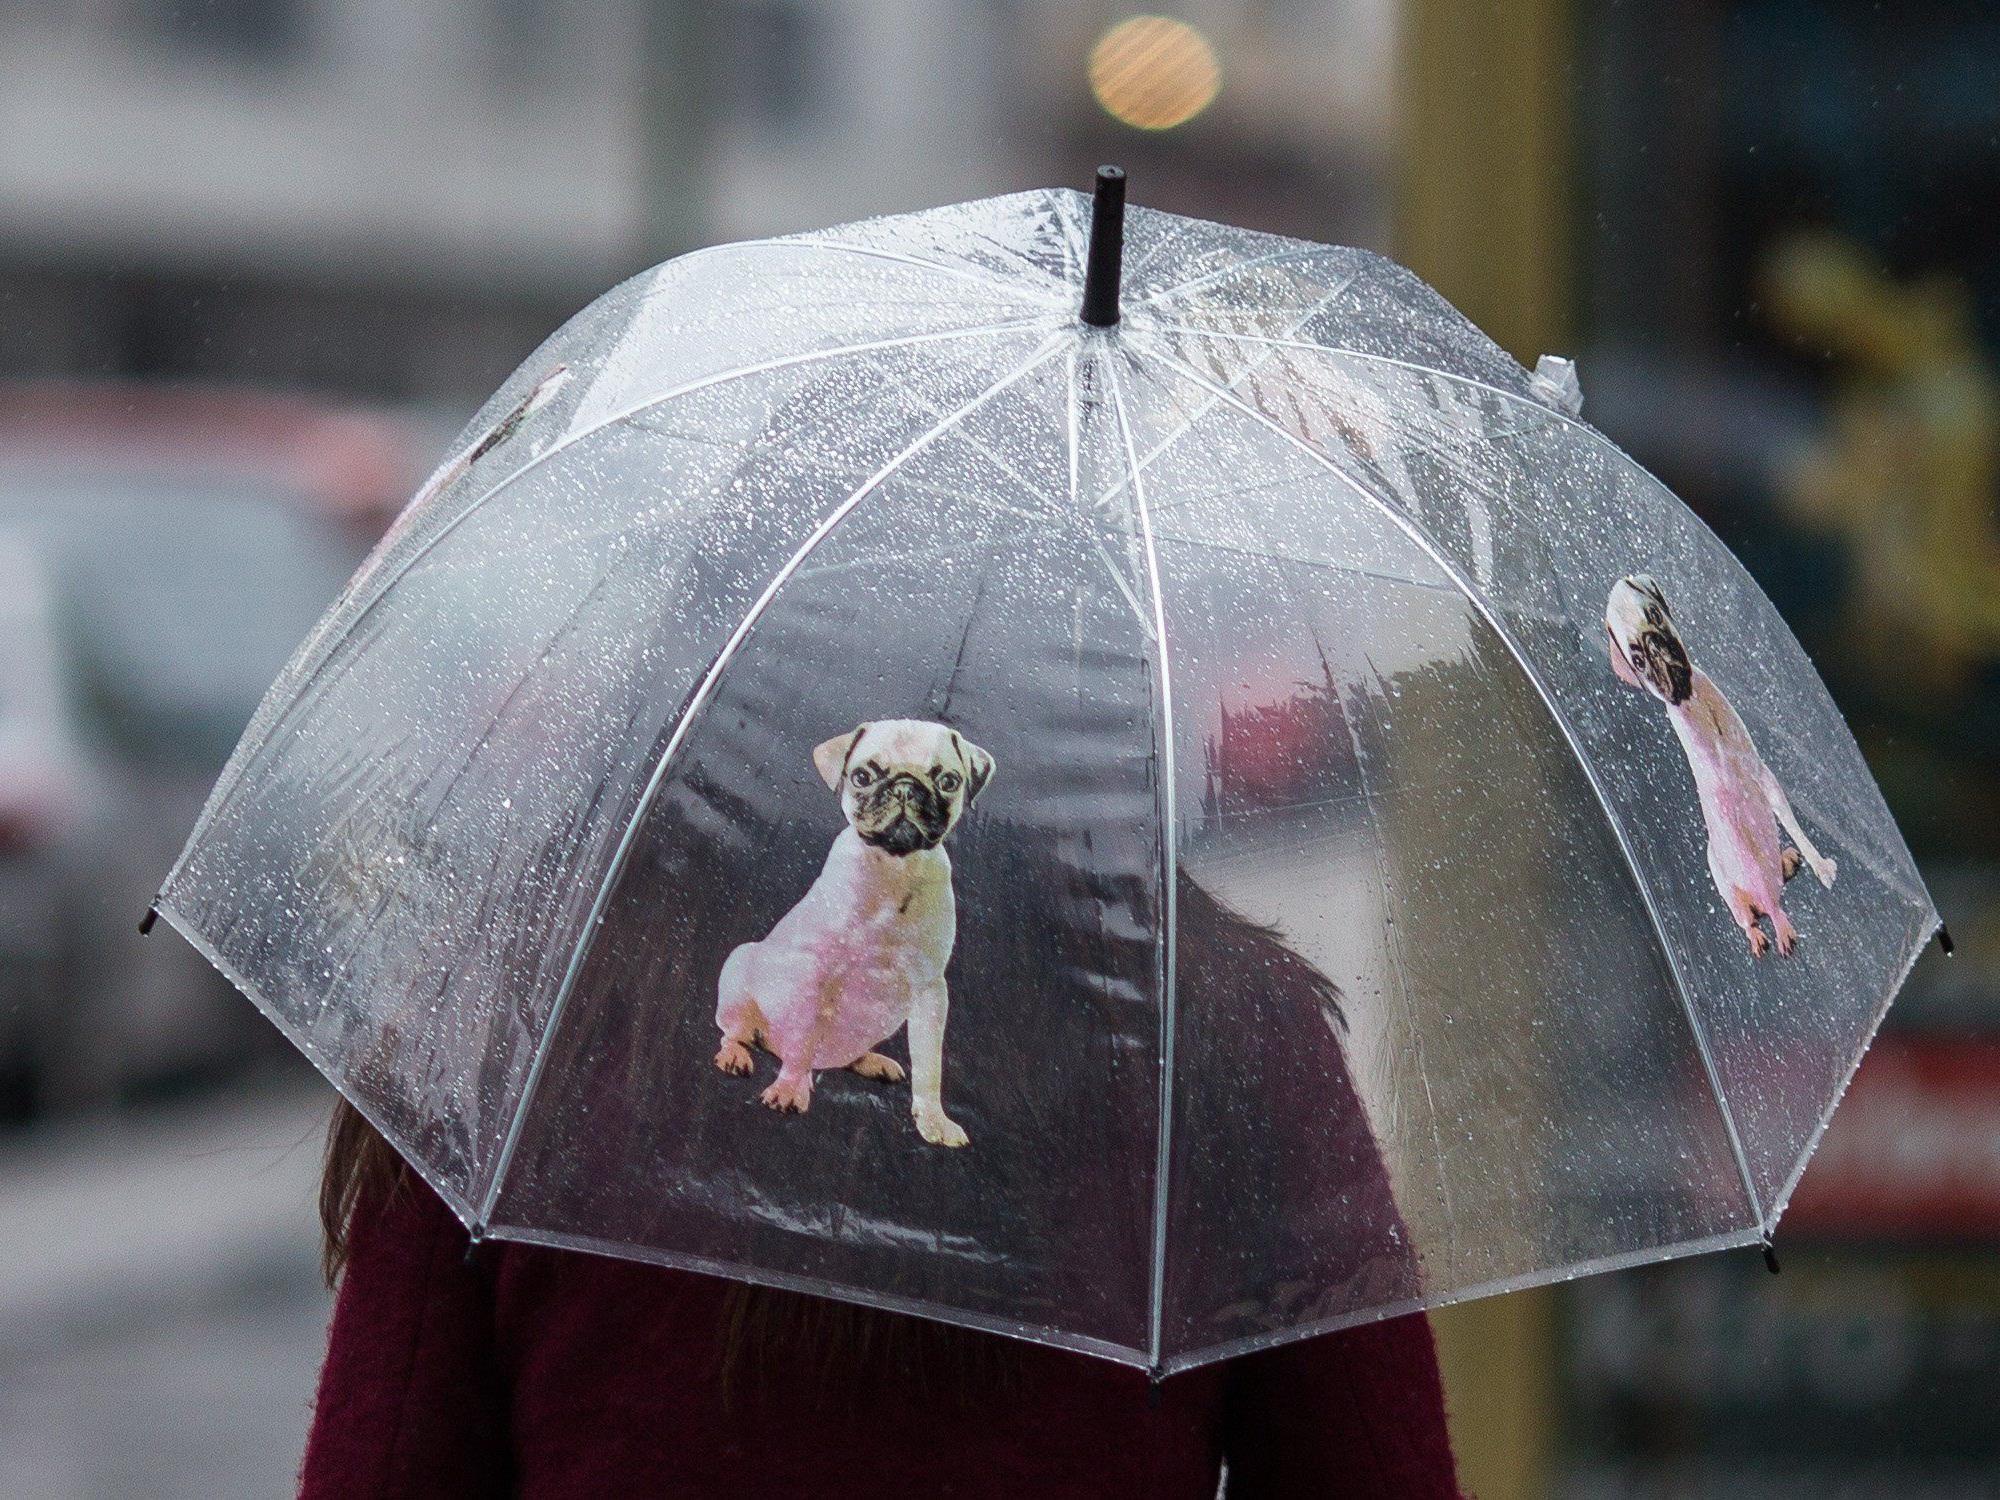 Das Wetter verschlechtert sich zum Wochenende